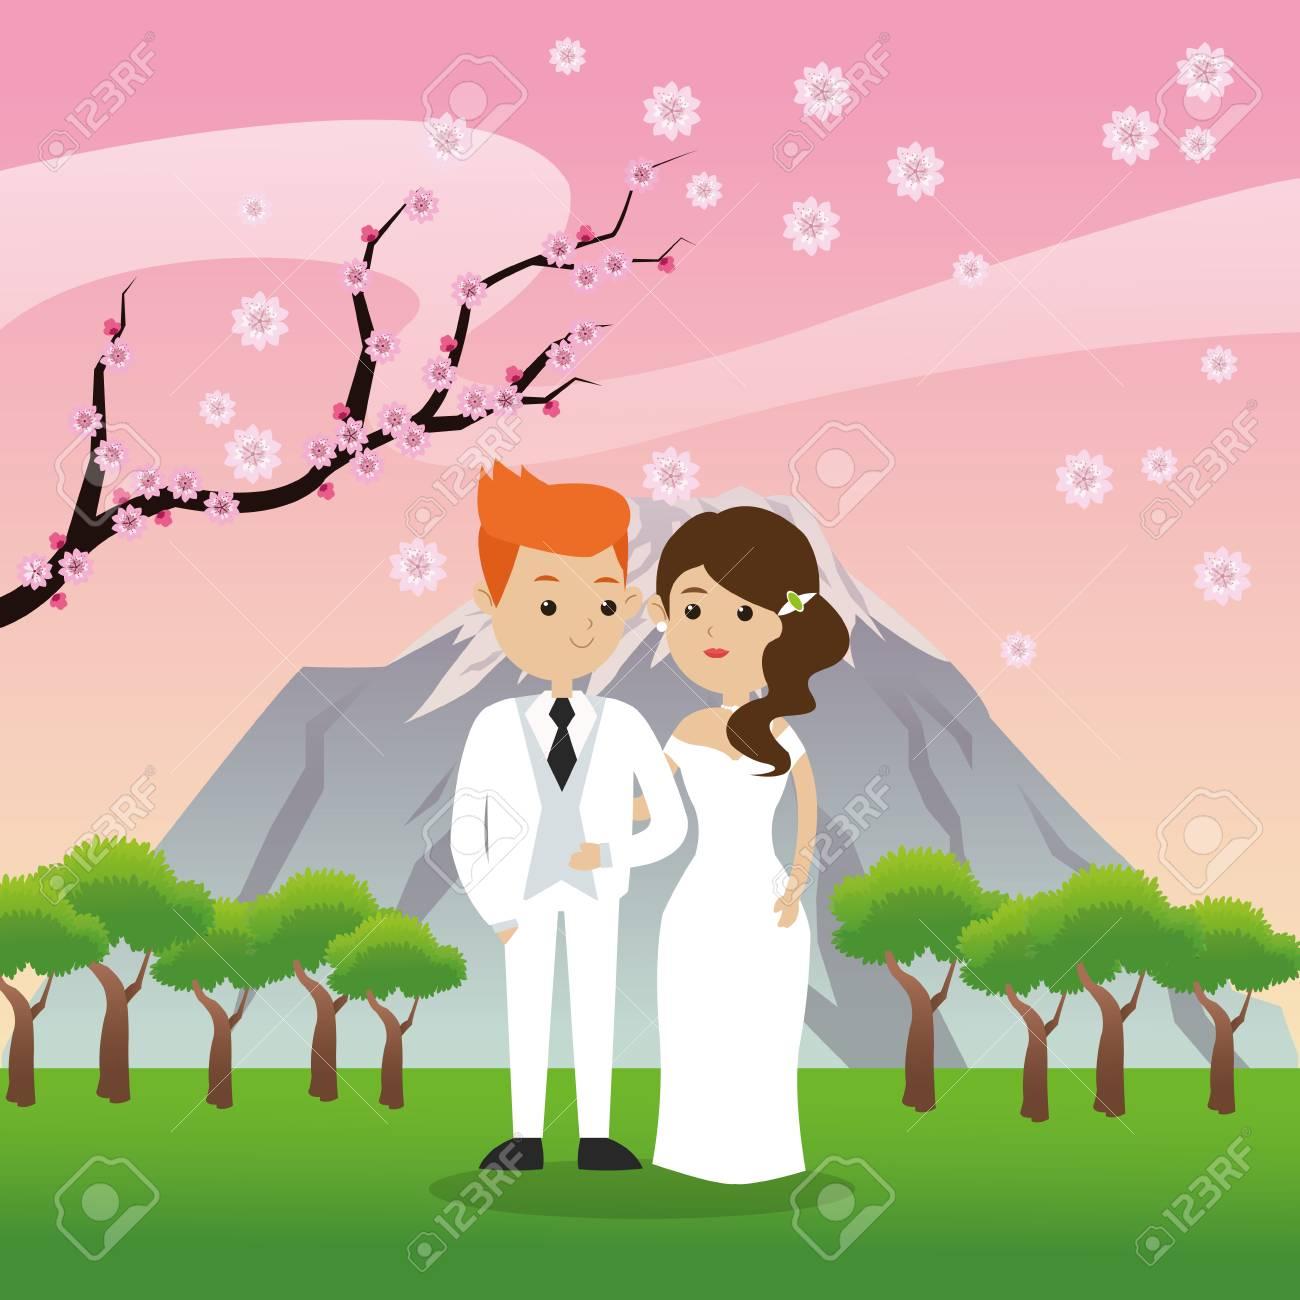 tema amore dating e il matrimonio